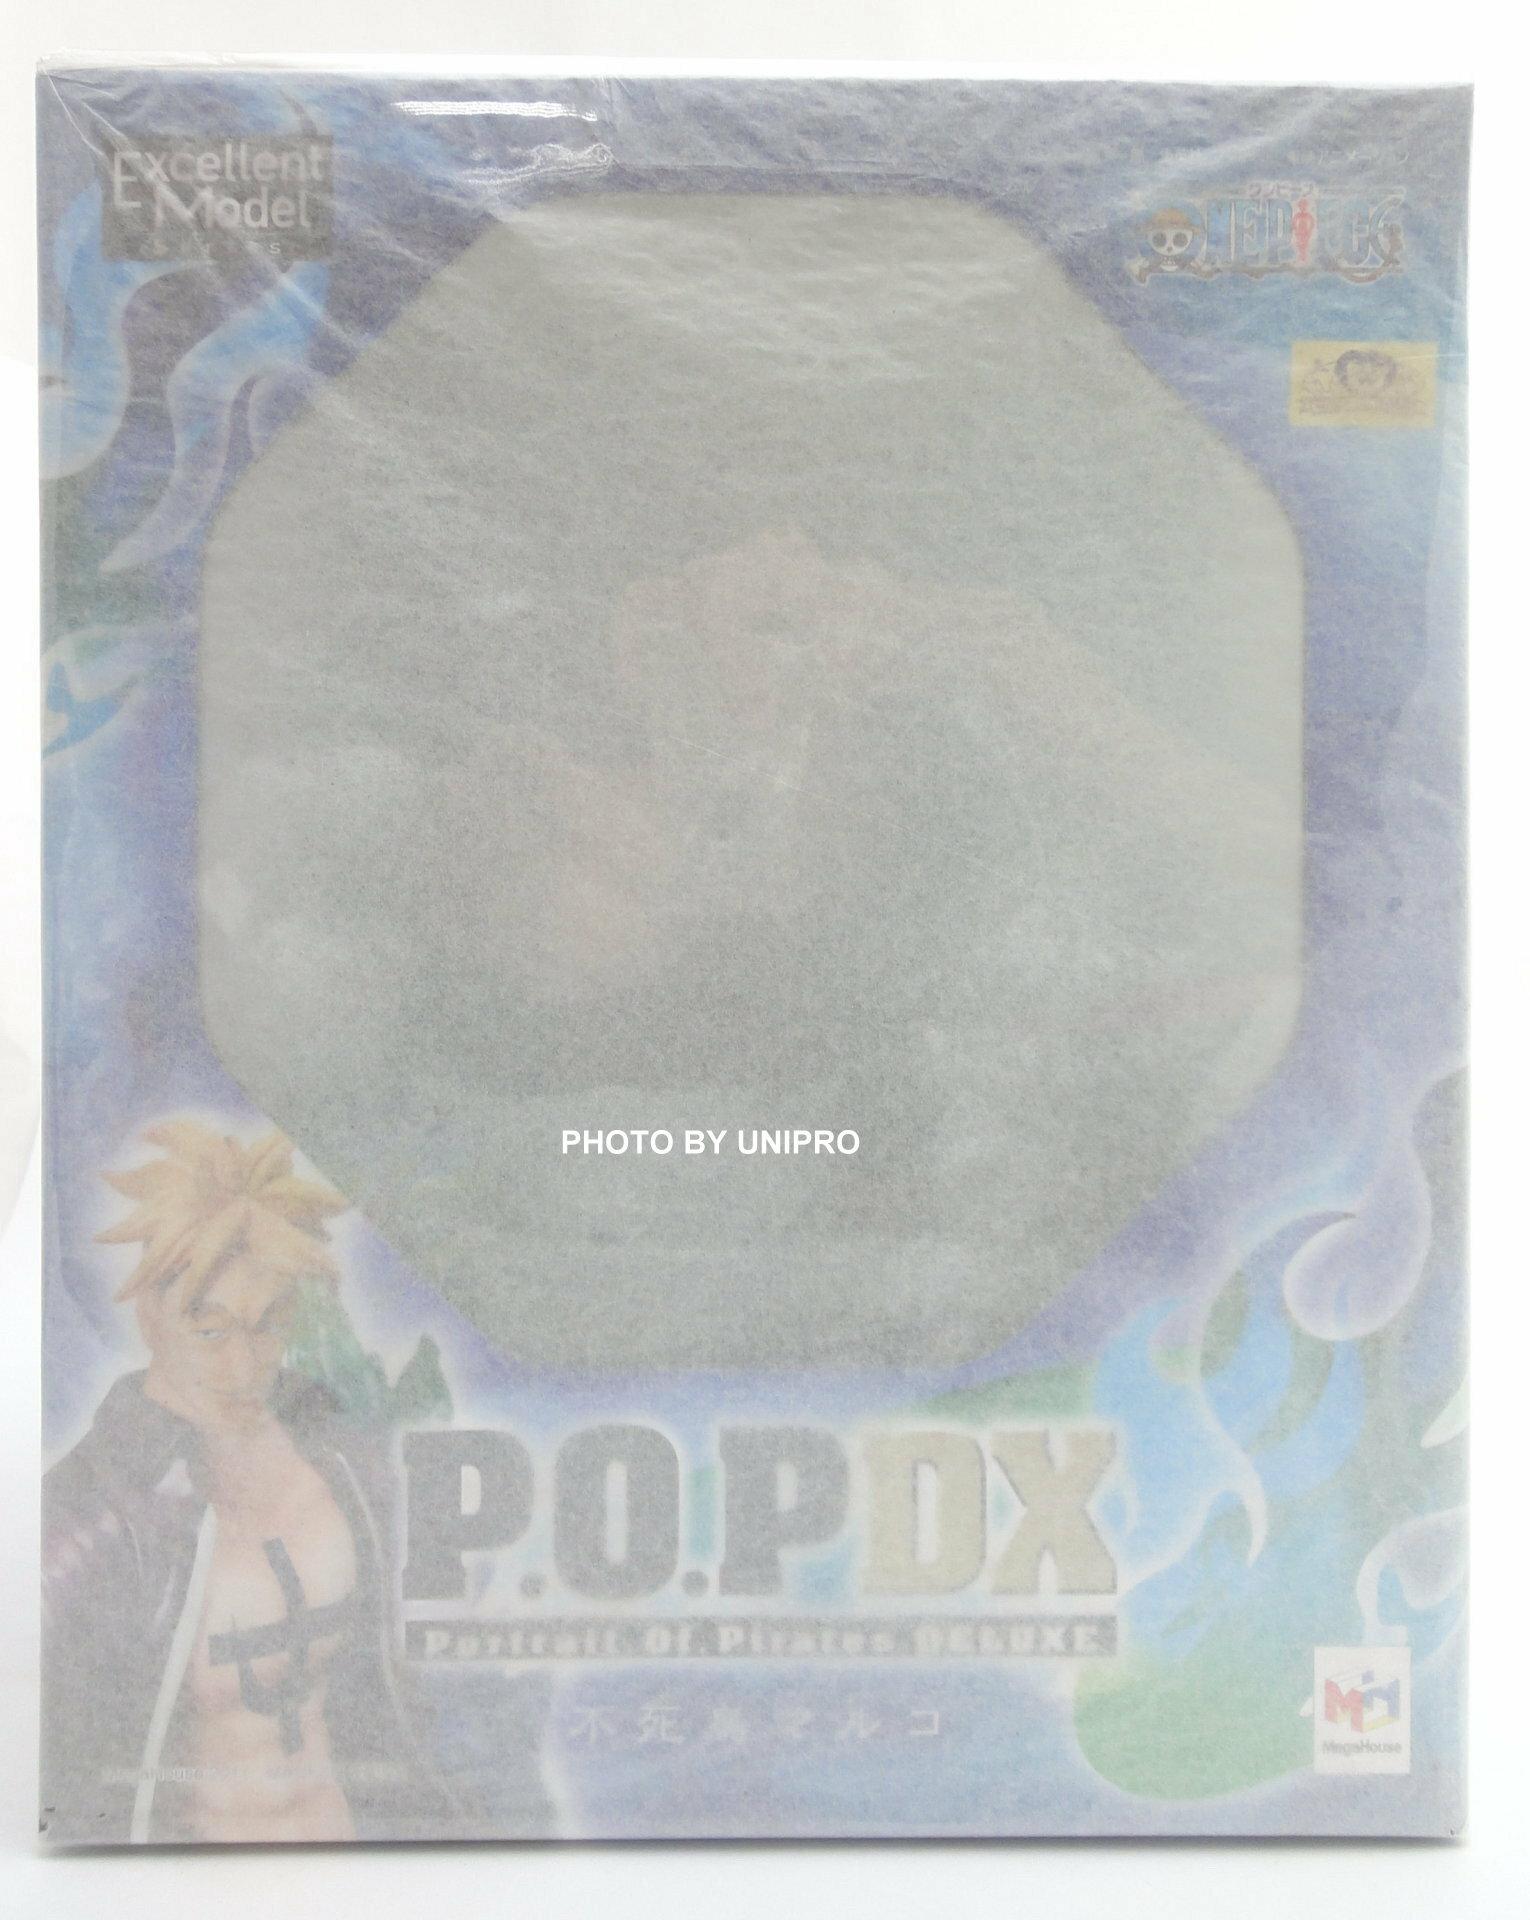 日版金證 現貨 宣紙未拆 POP DX 不死鳥 馬可 1.0 白鬍子 海賊團 海賊王 P.O.P